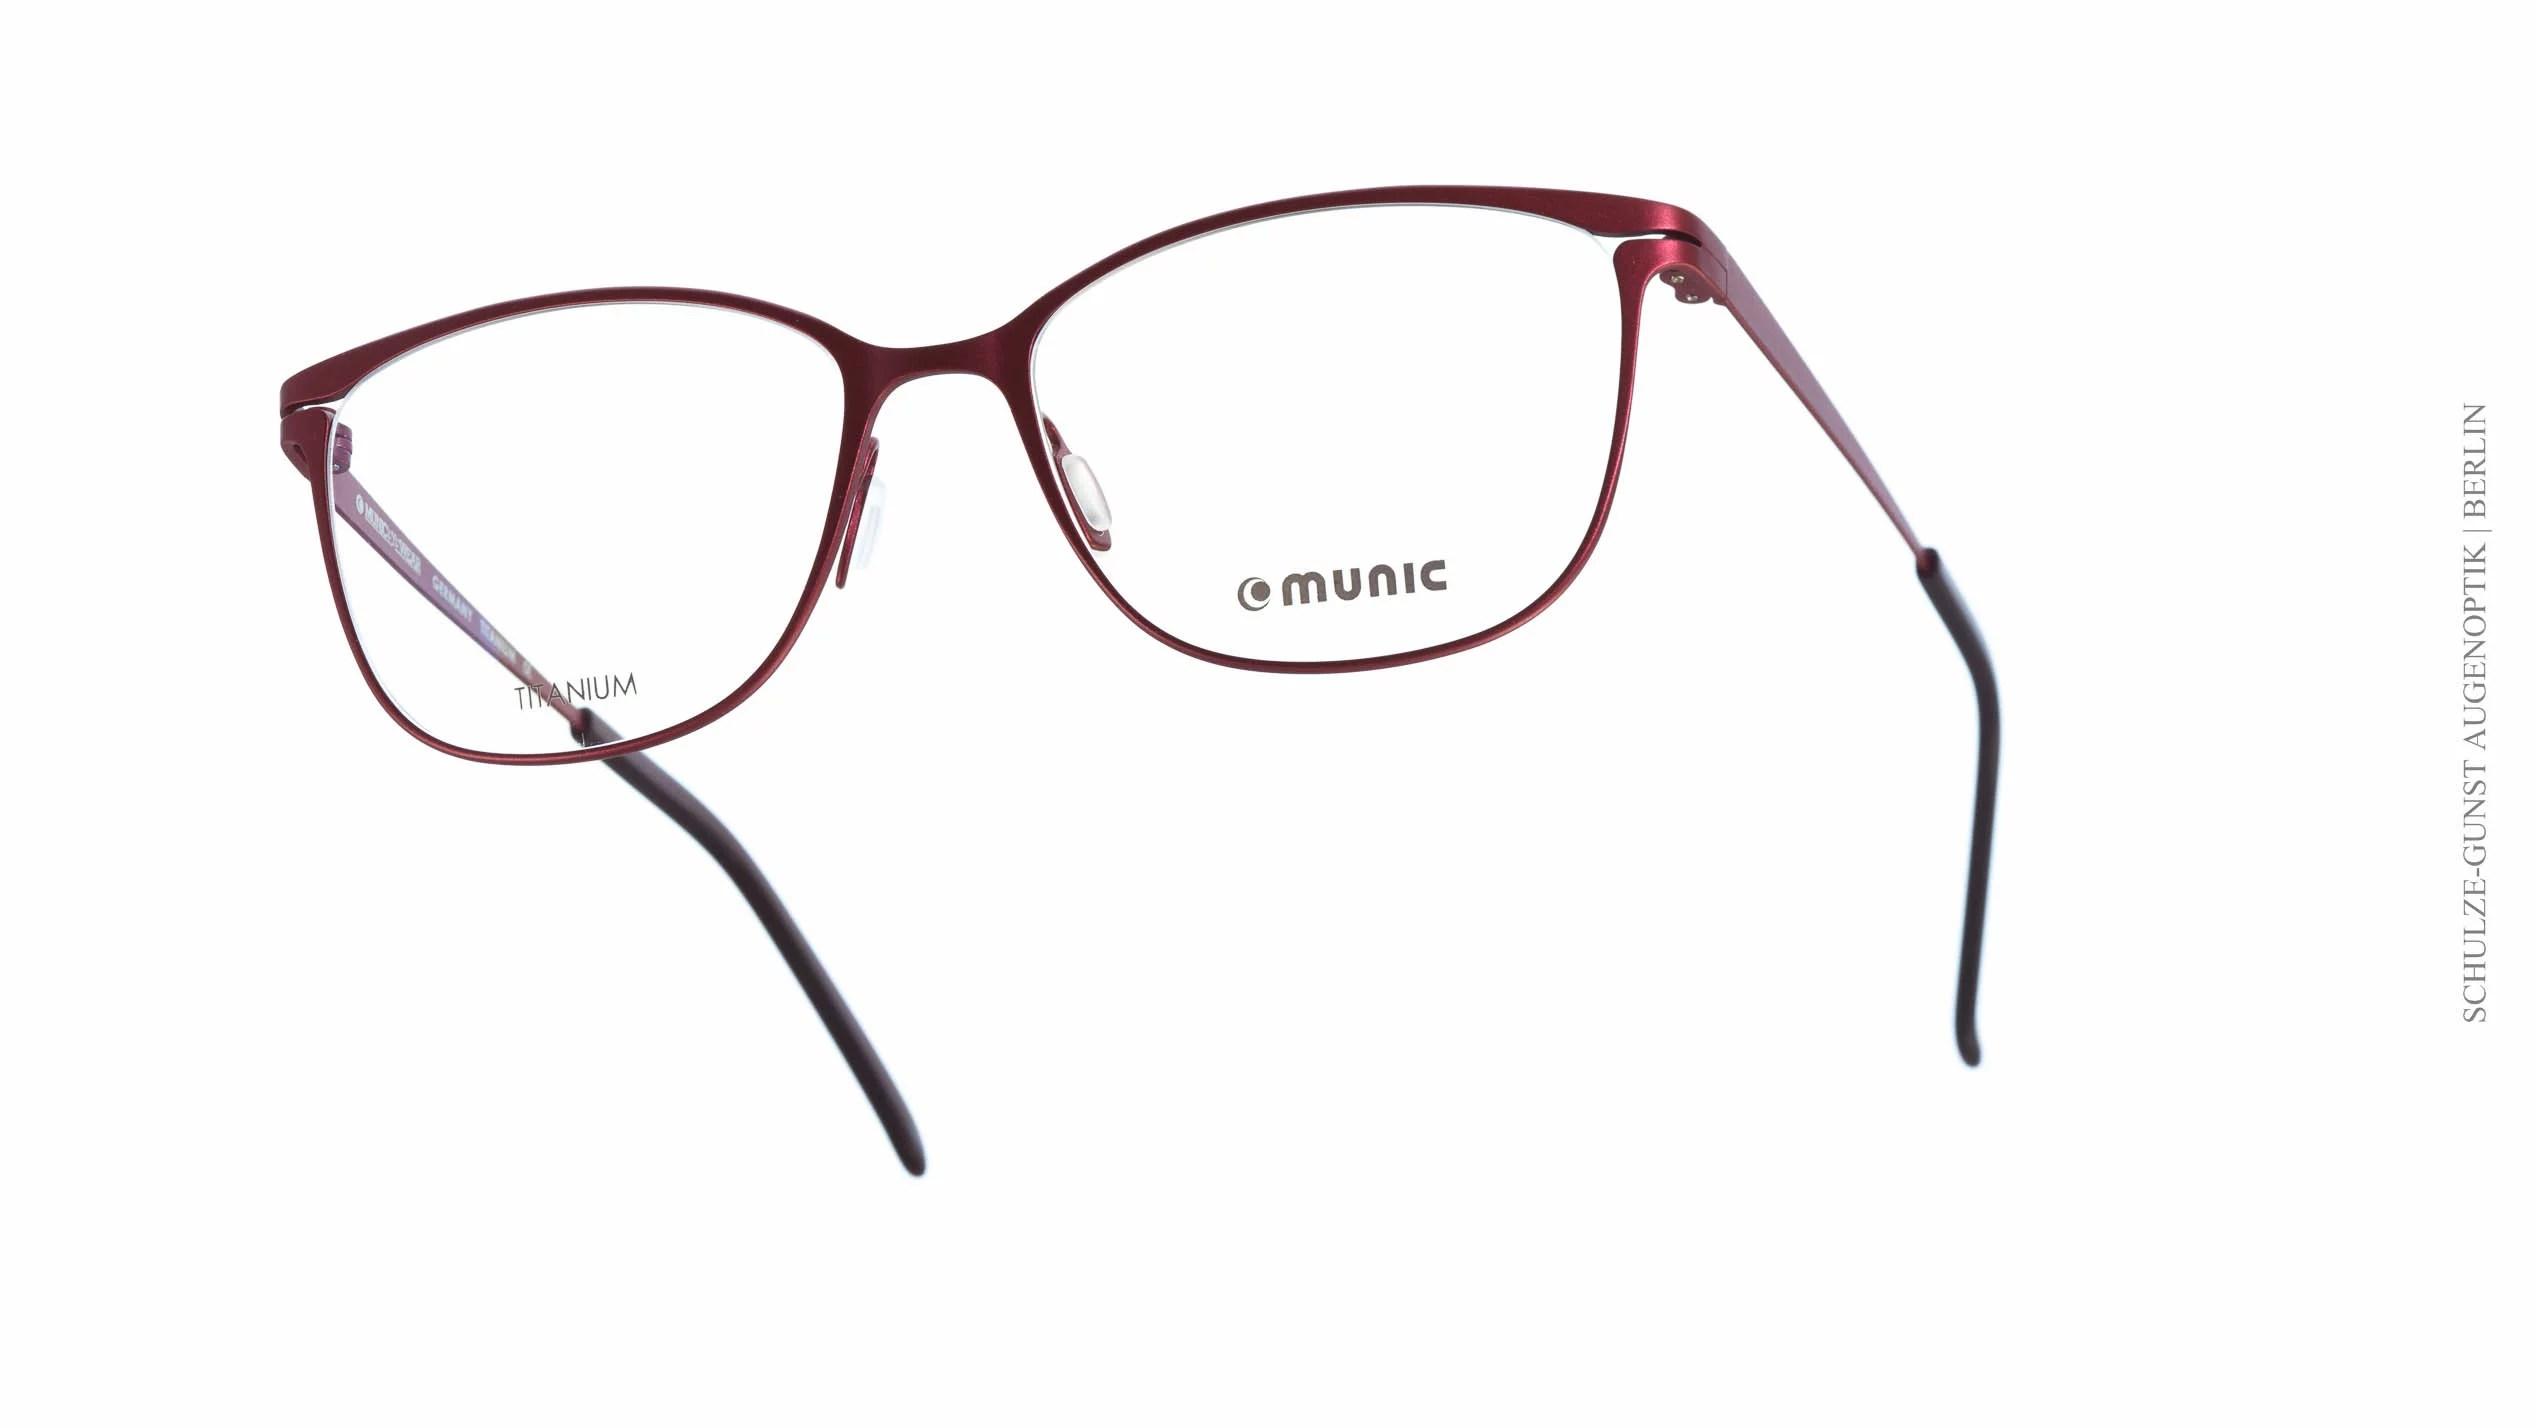 Damenbrille-Munic Eyewear Archive - Seite 2 Von 2 - Schulze-Gunst